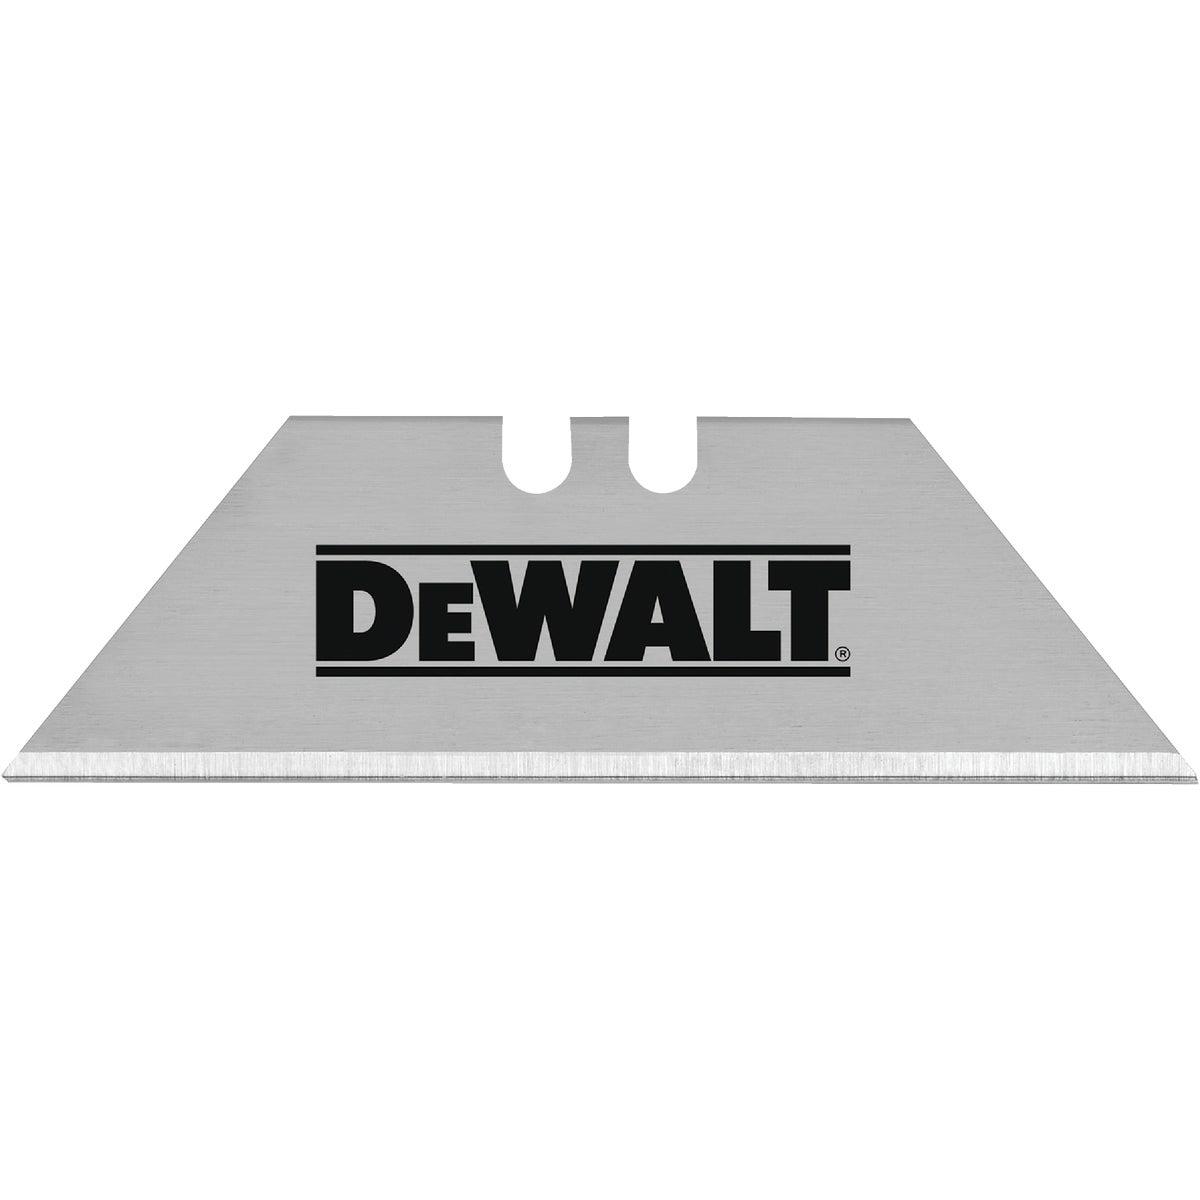 DeWalt 2-Point Heavy-Duty 2-1/2 In. Utility Knife Blade (75-Pack)